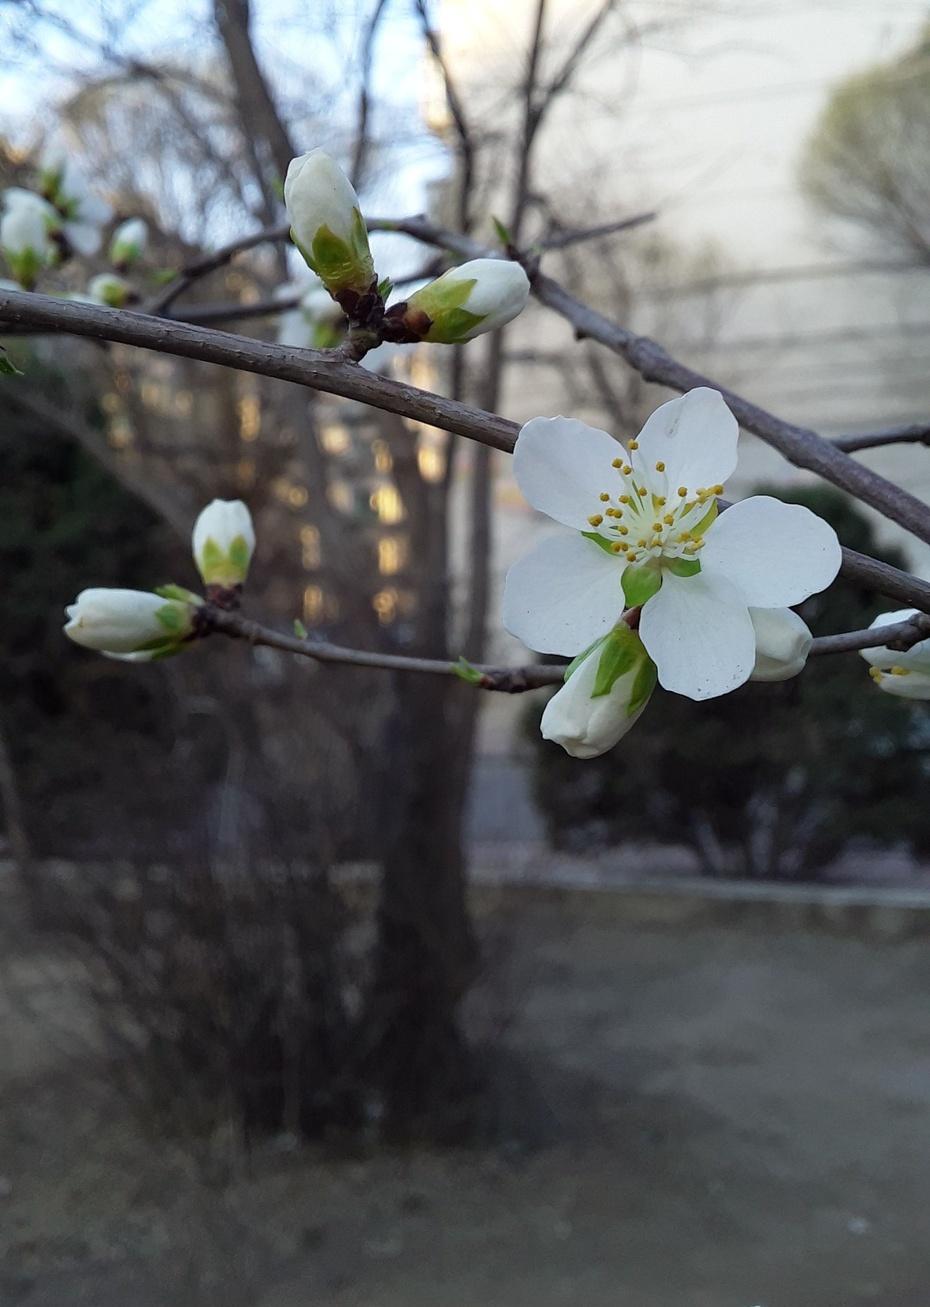 春的信息(山桃) - 淡淡云 - 淡淡云